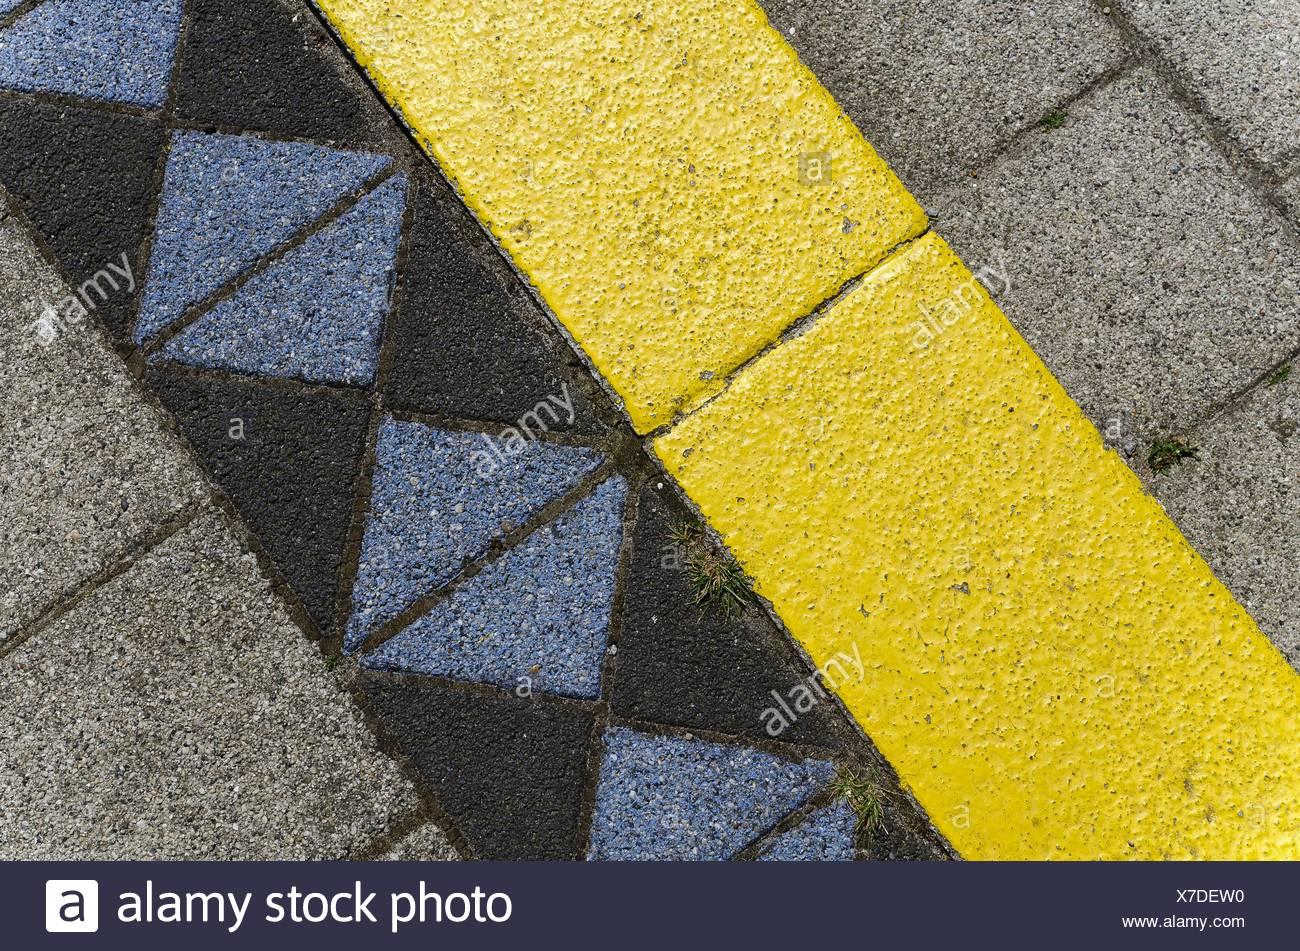 Kunststein Stockfotos Kunststein Bilder Alamy - Farbige betonplatten